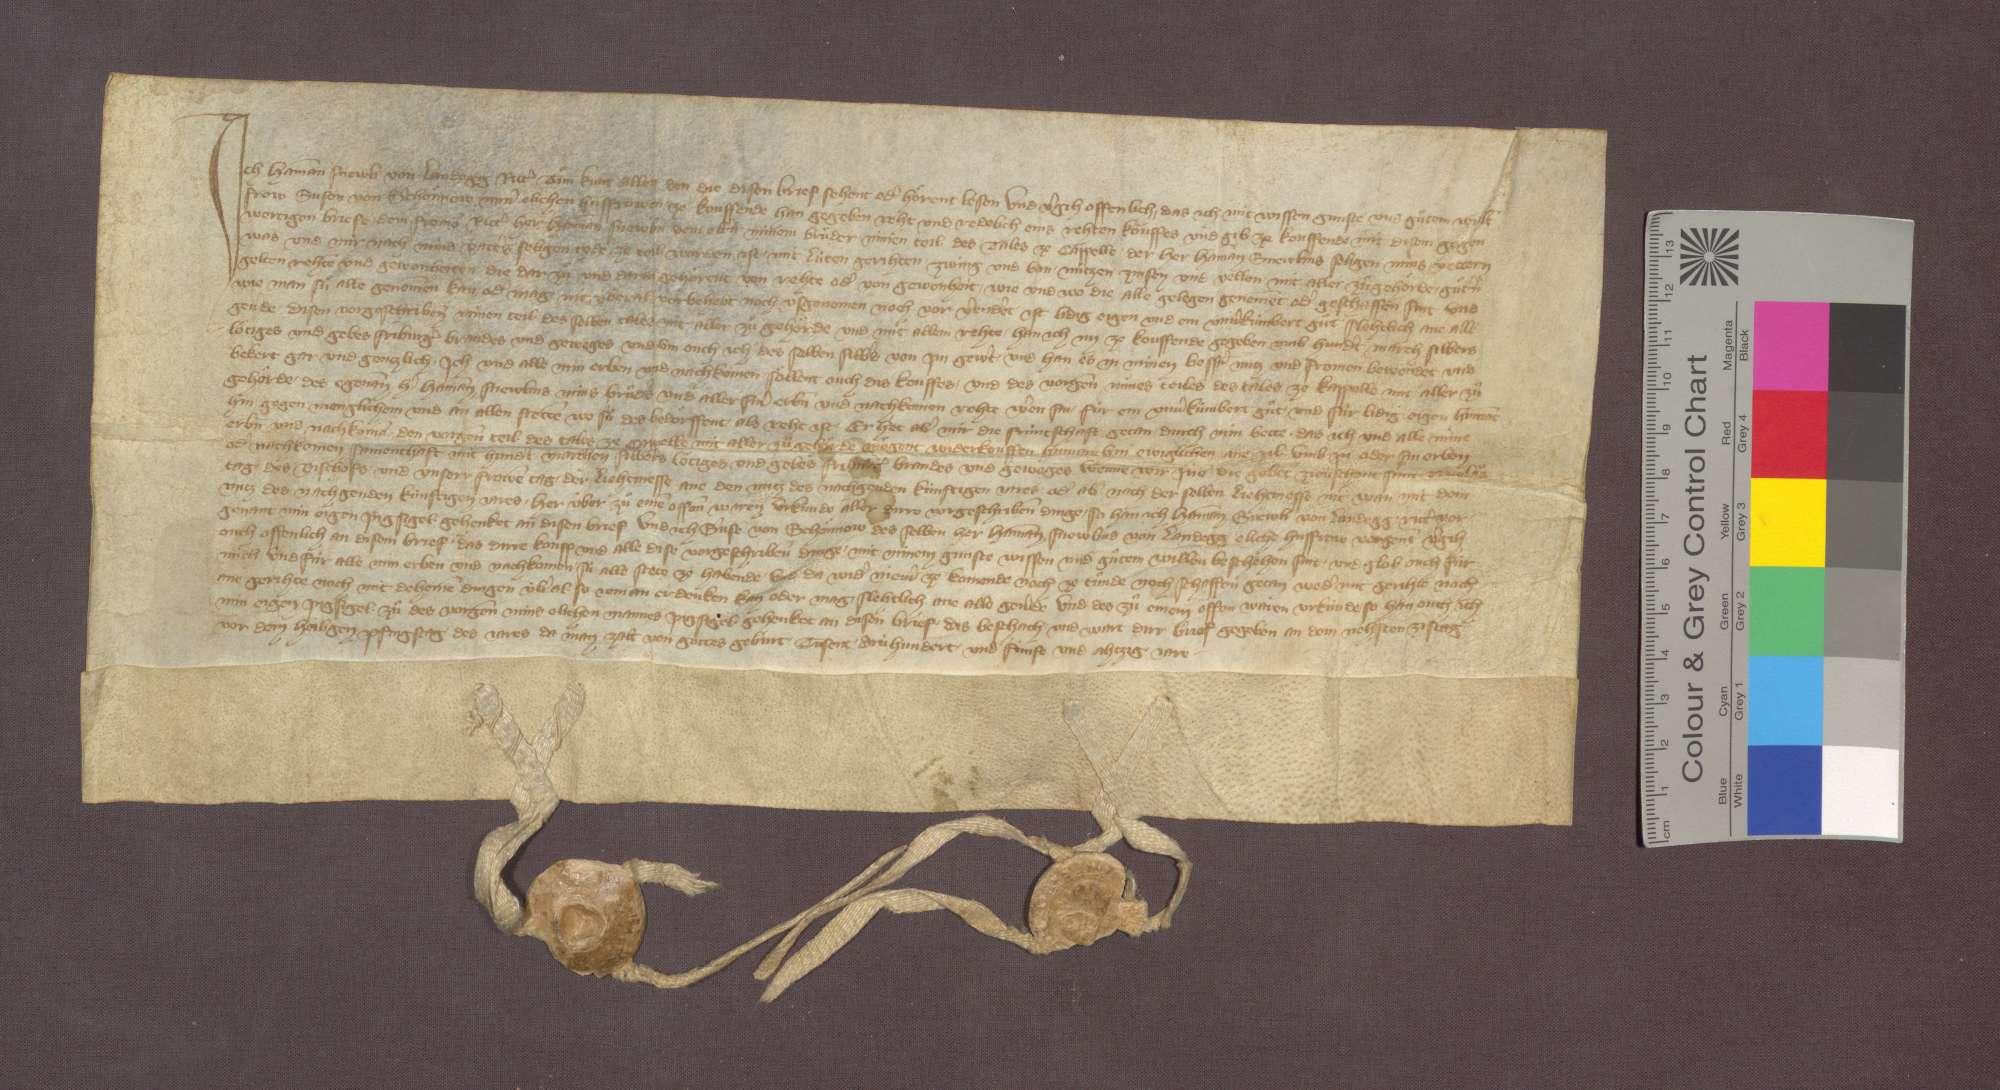 Hamann Schnewli von Landeck verkauft seinem älteren Bruder Hamann den von seinem Vater ererbten Teil des Kappeler Tals mit allen Nutzungen und Rechten um 100 Mark Silber., Bild 1